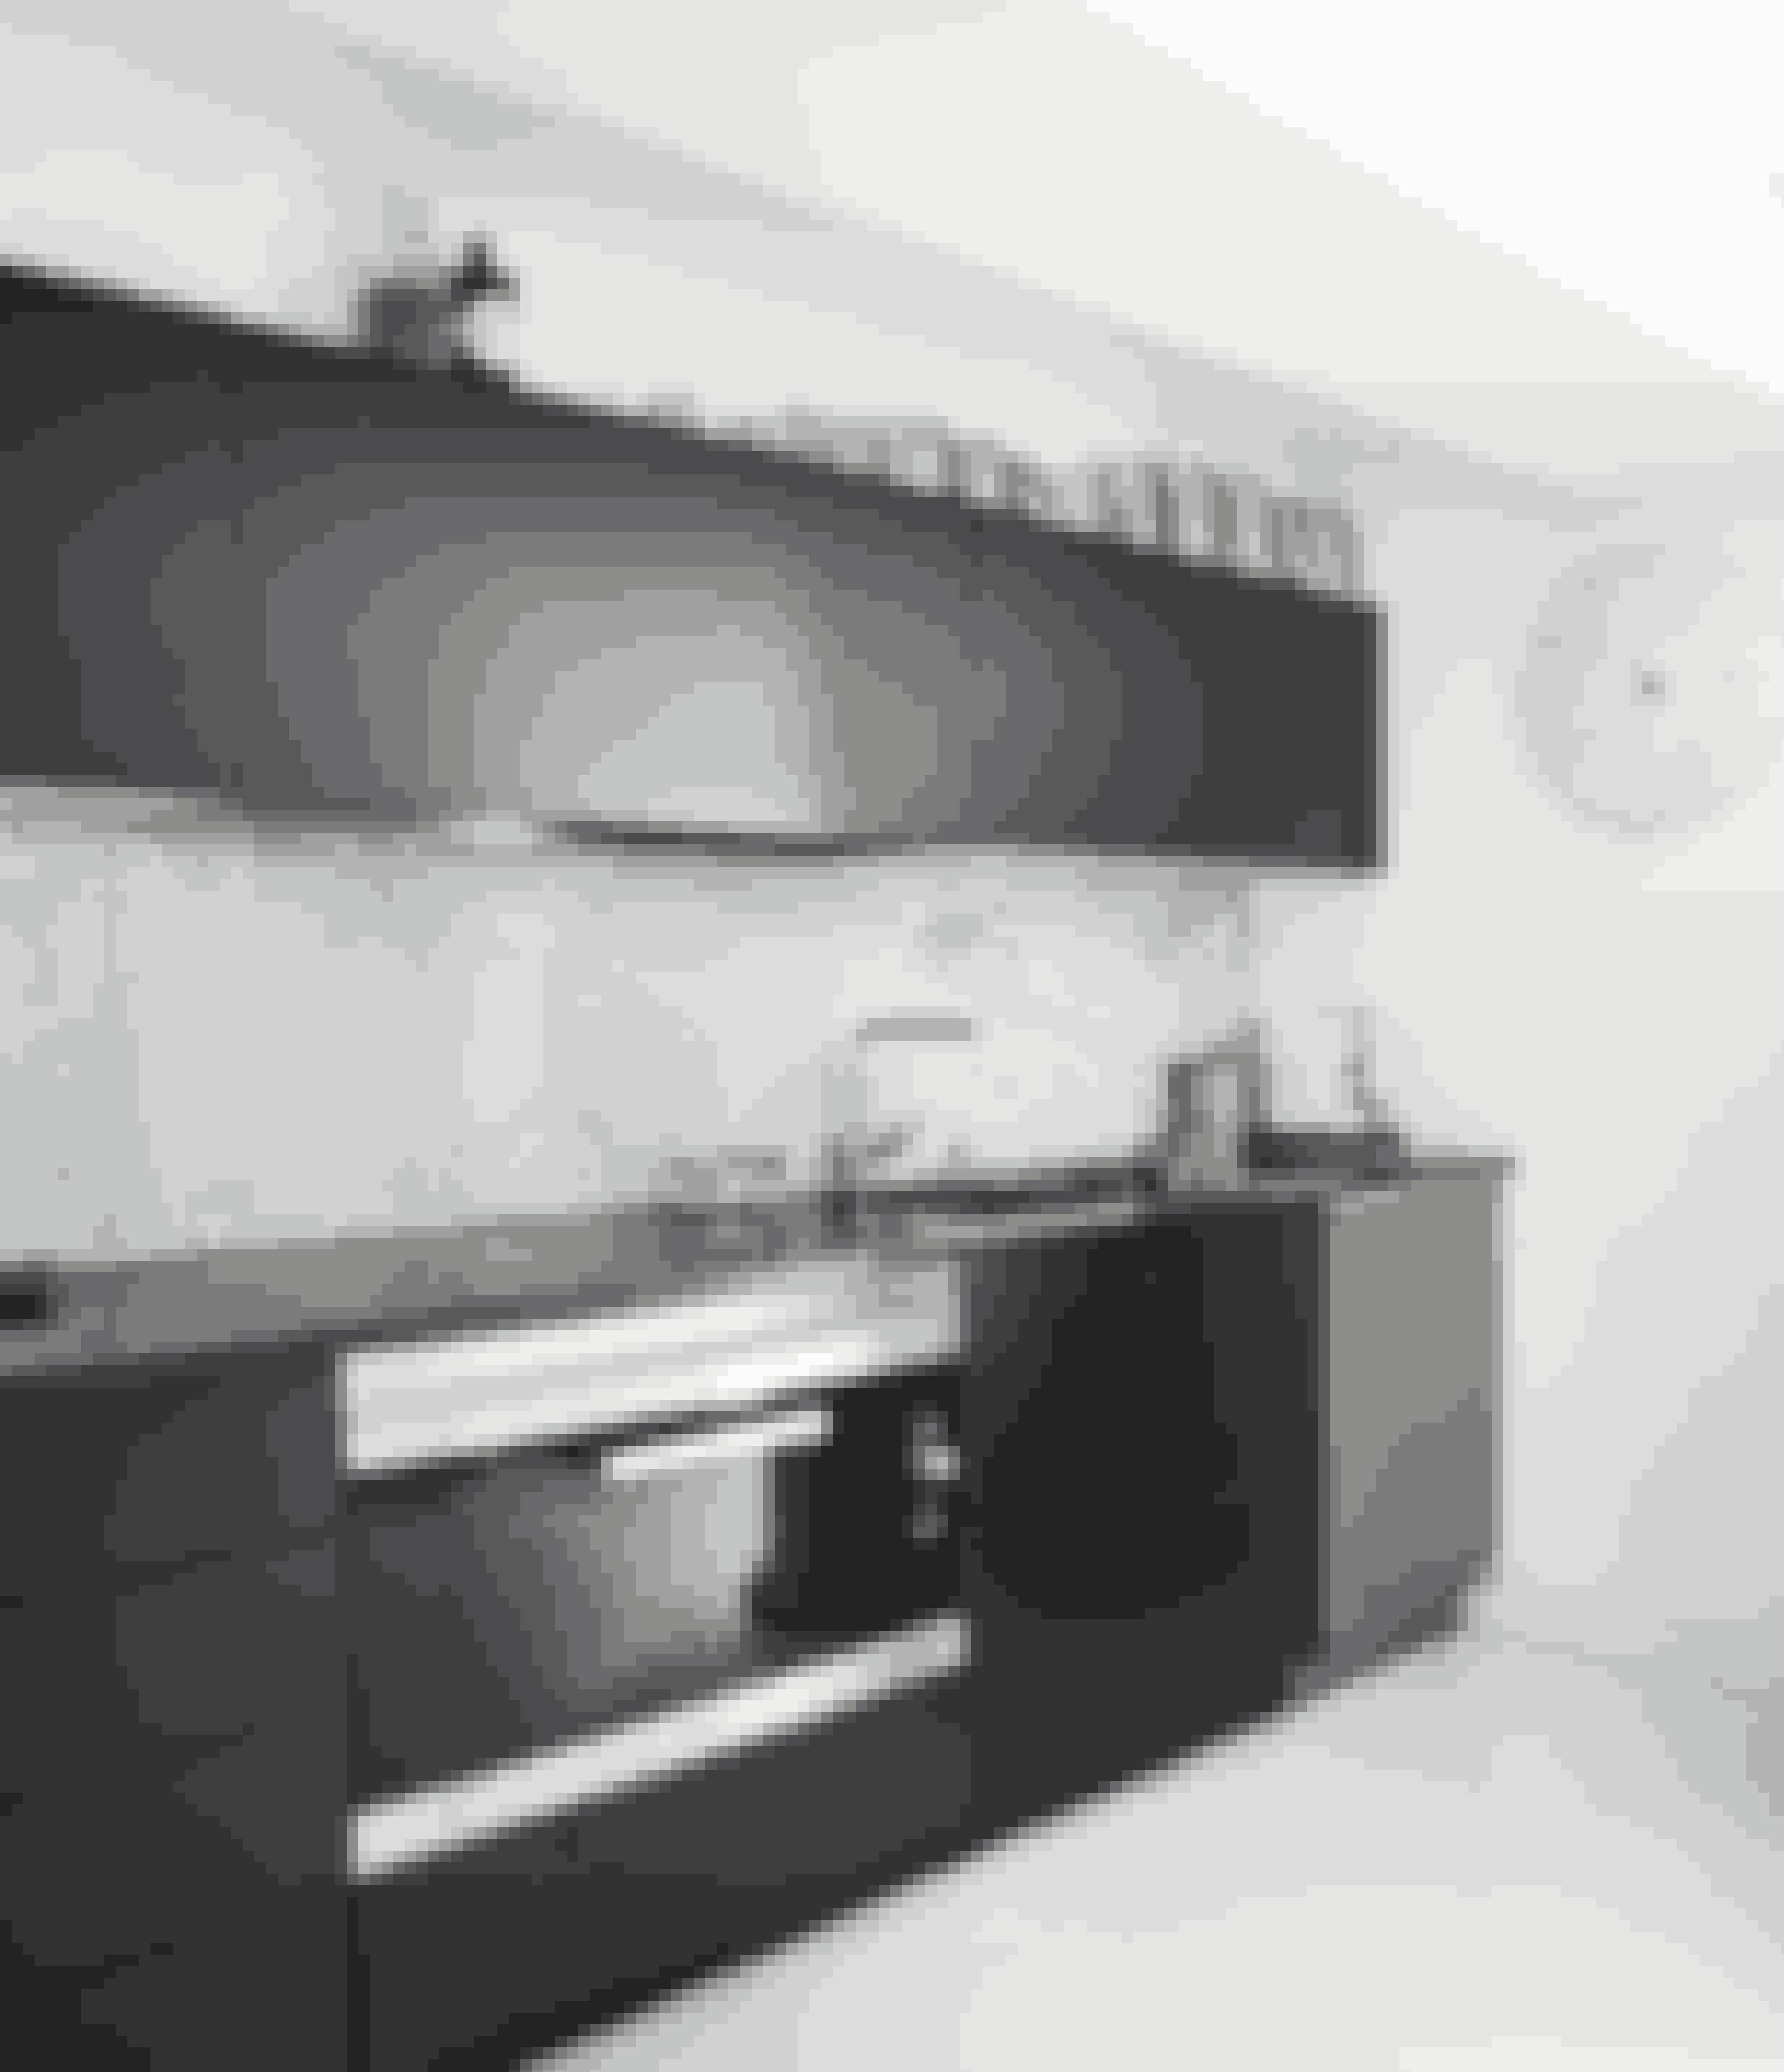 Den integrerede marmorvæg giver dette enkle og stilrene køkken et anderledes udtryk.